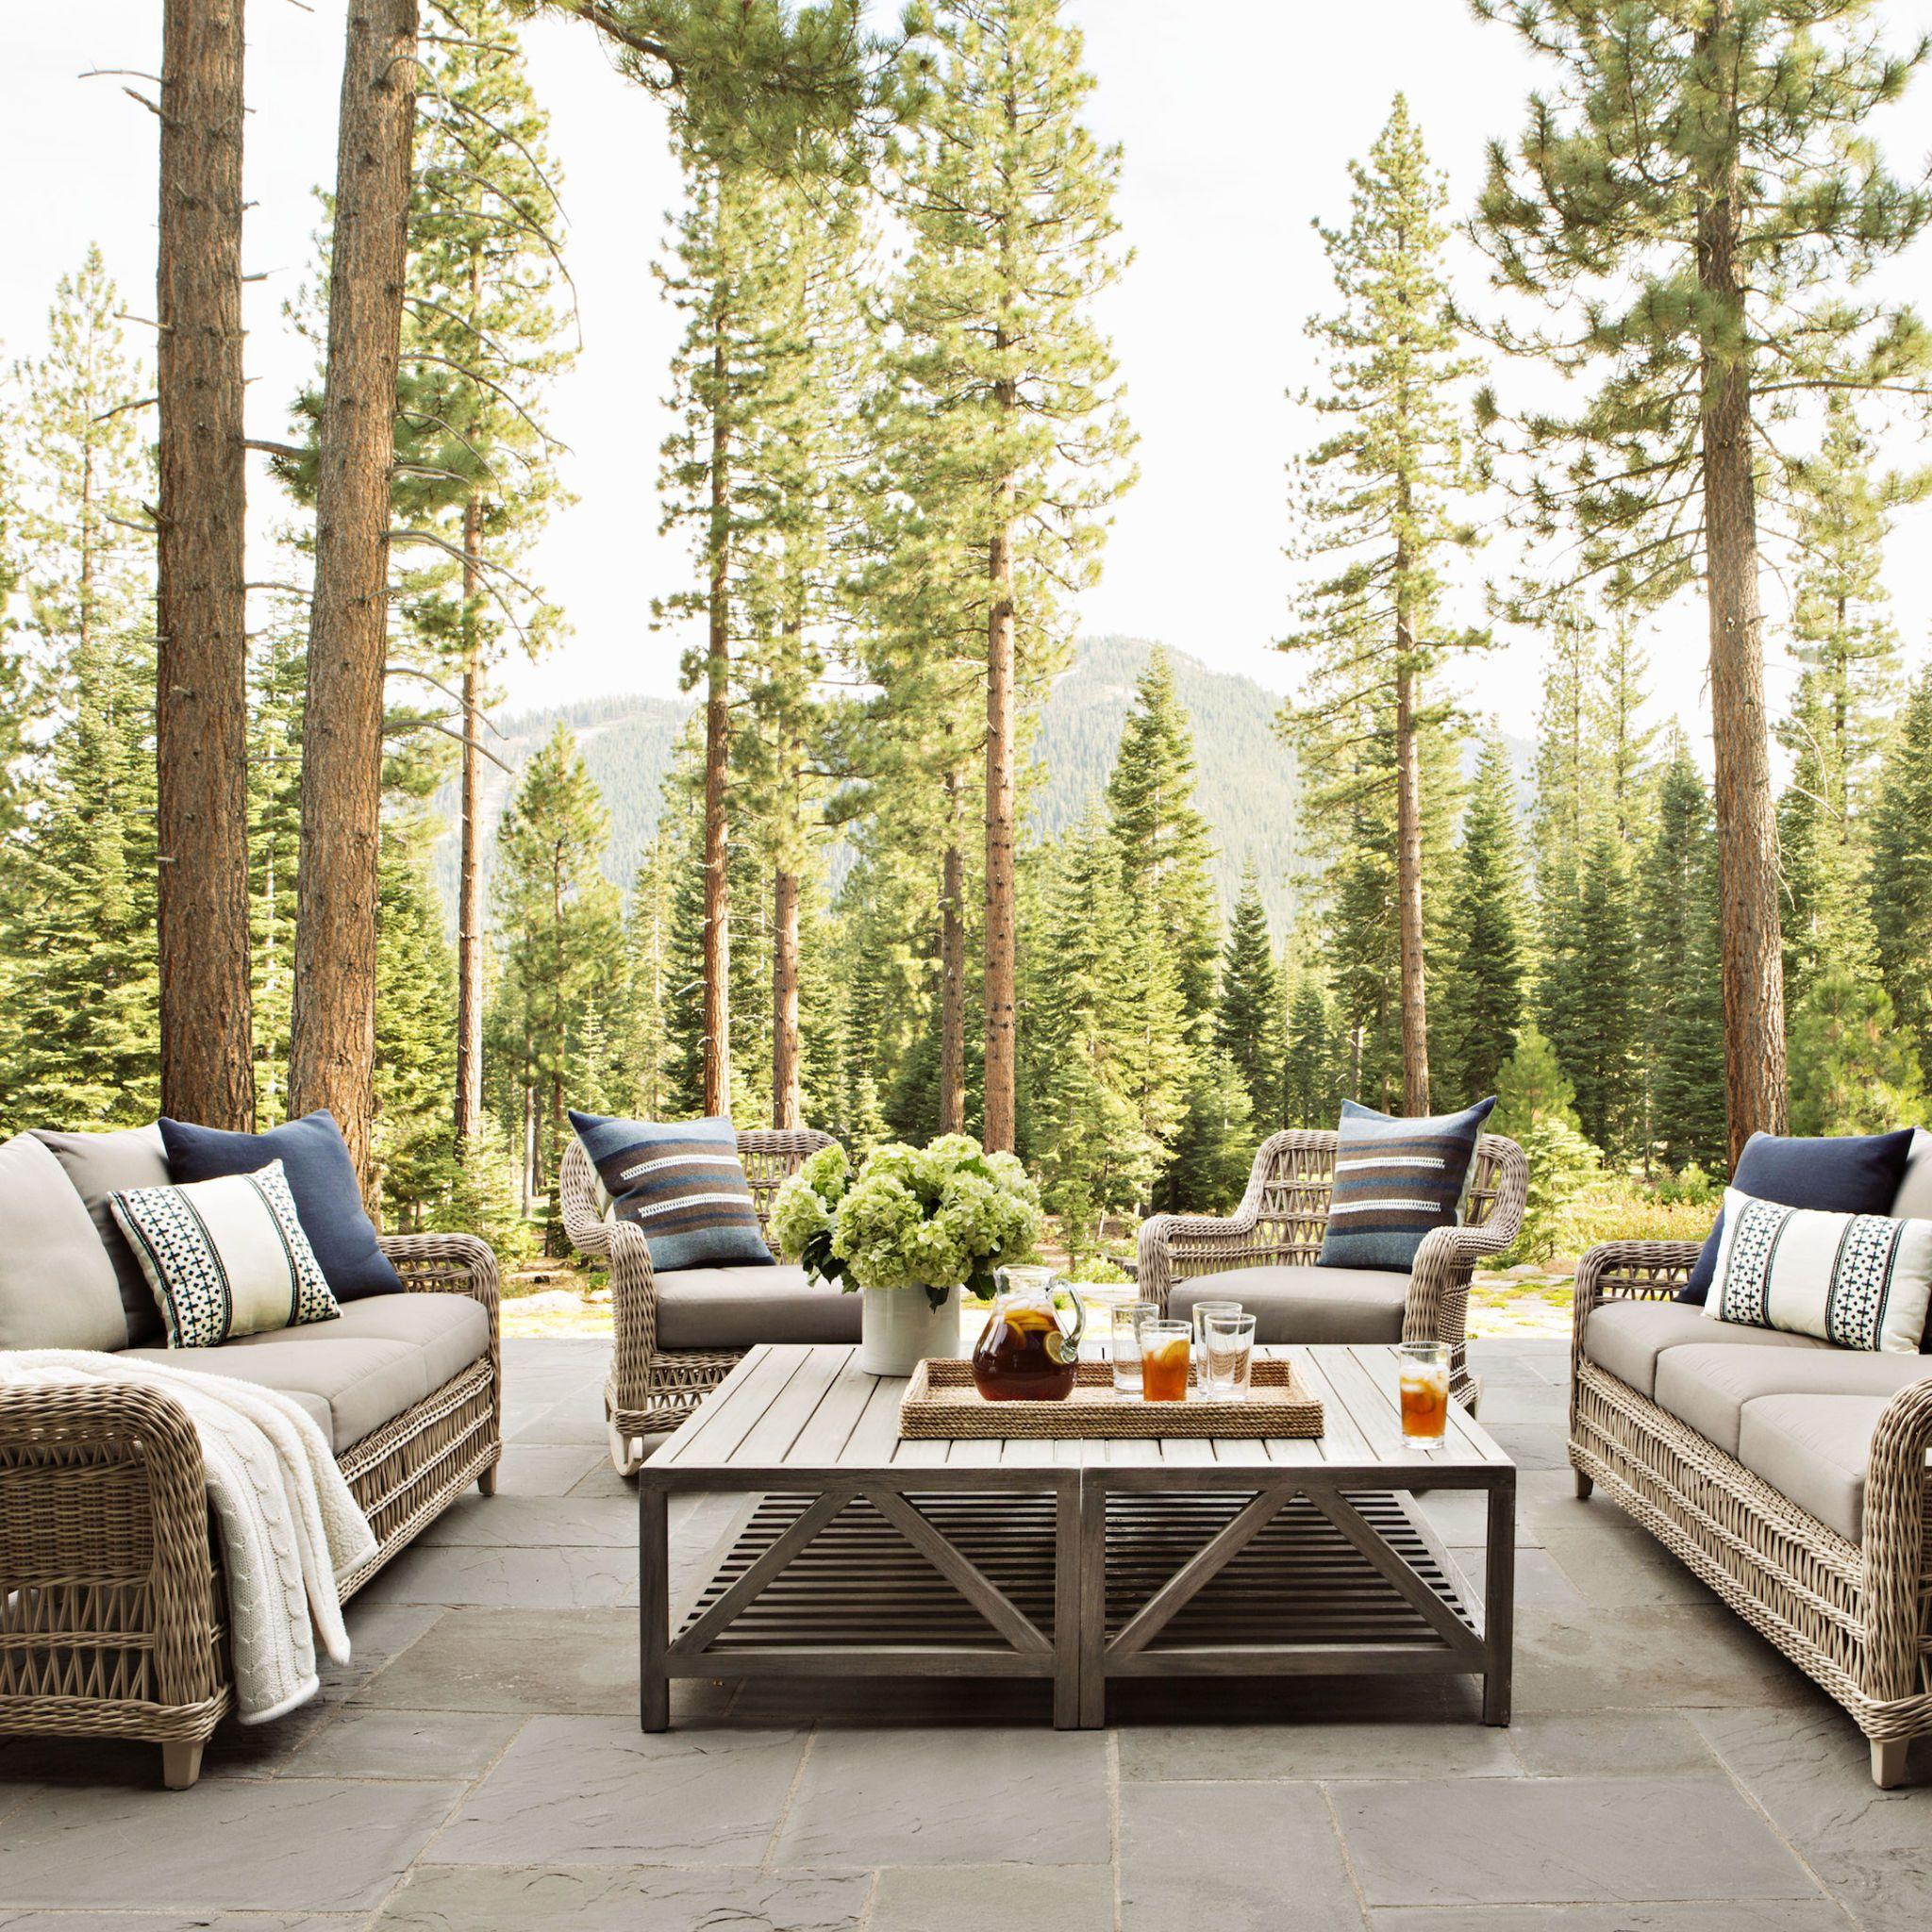 outdoor living furniture matt ou0027dorisio mountain home outdoor patio XDYCDMG